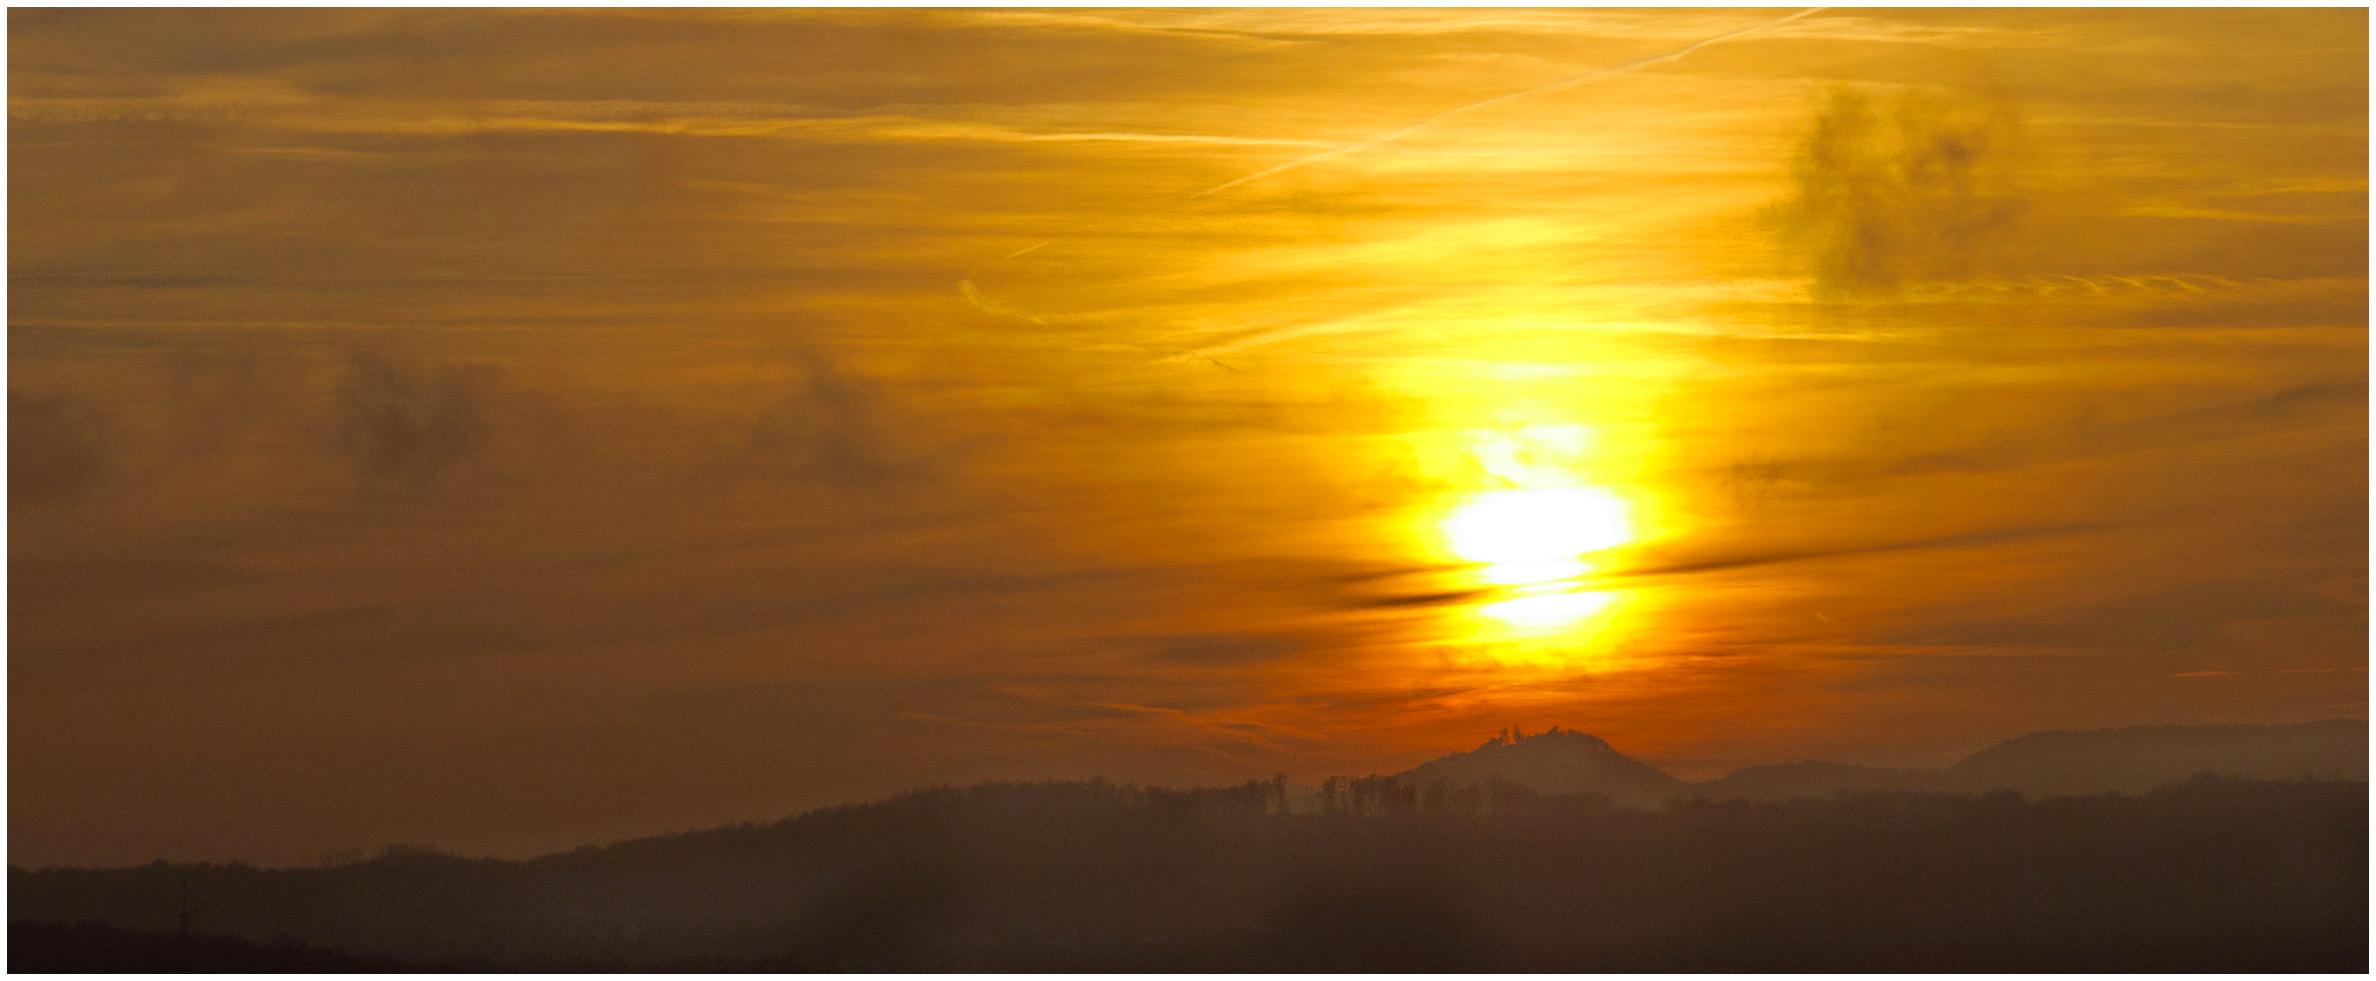 Abend über dem Siebengebirge